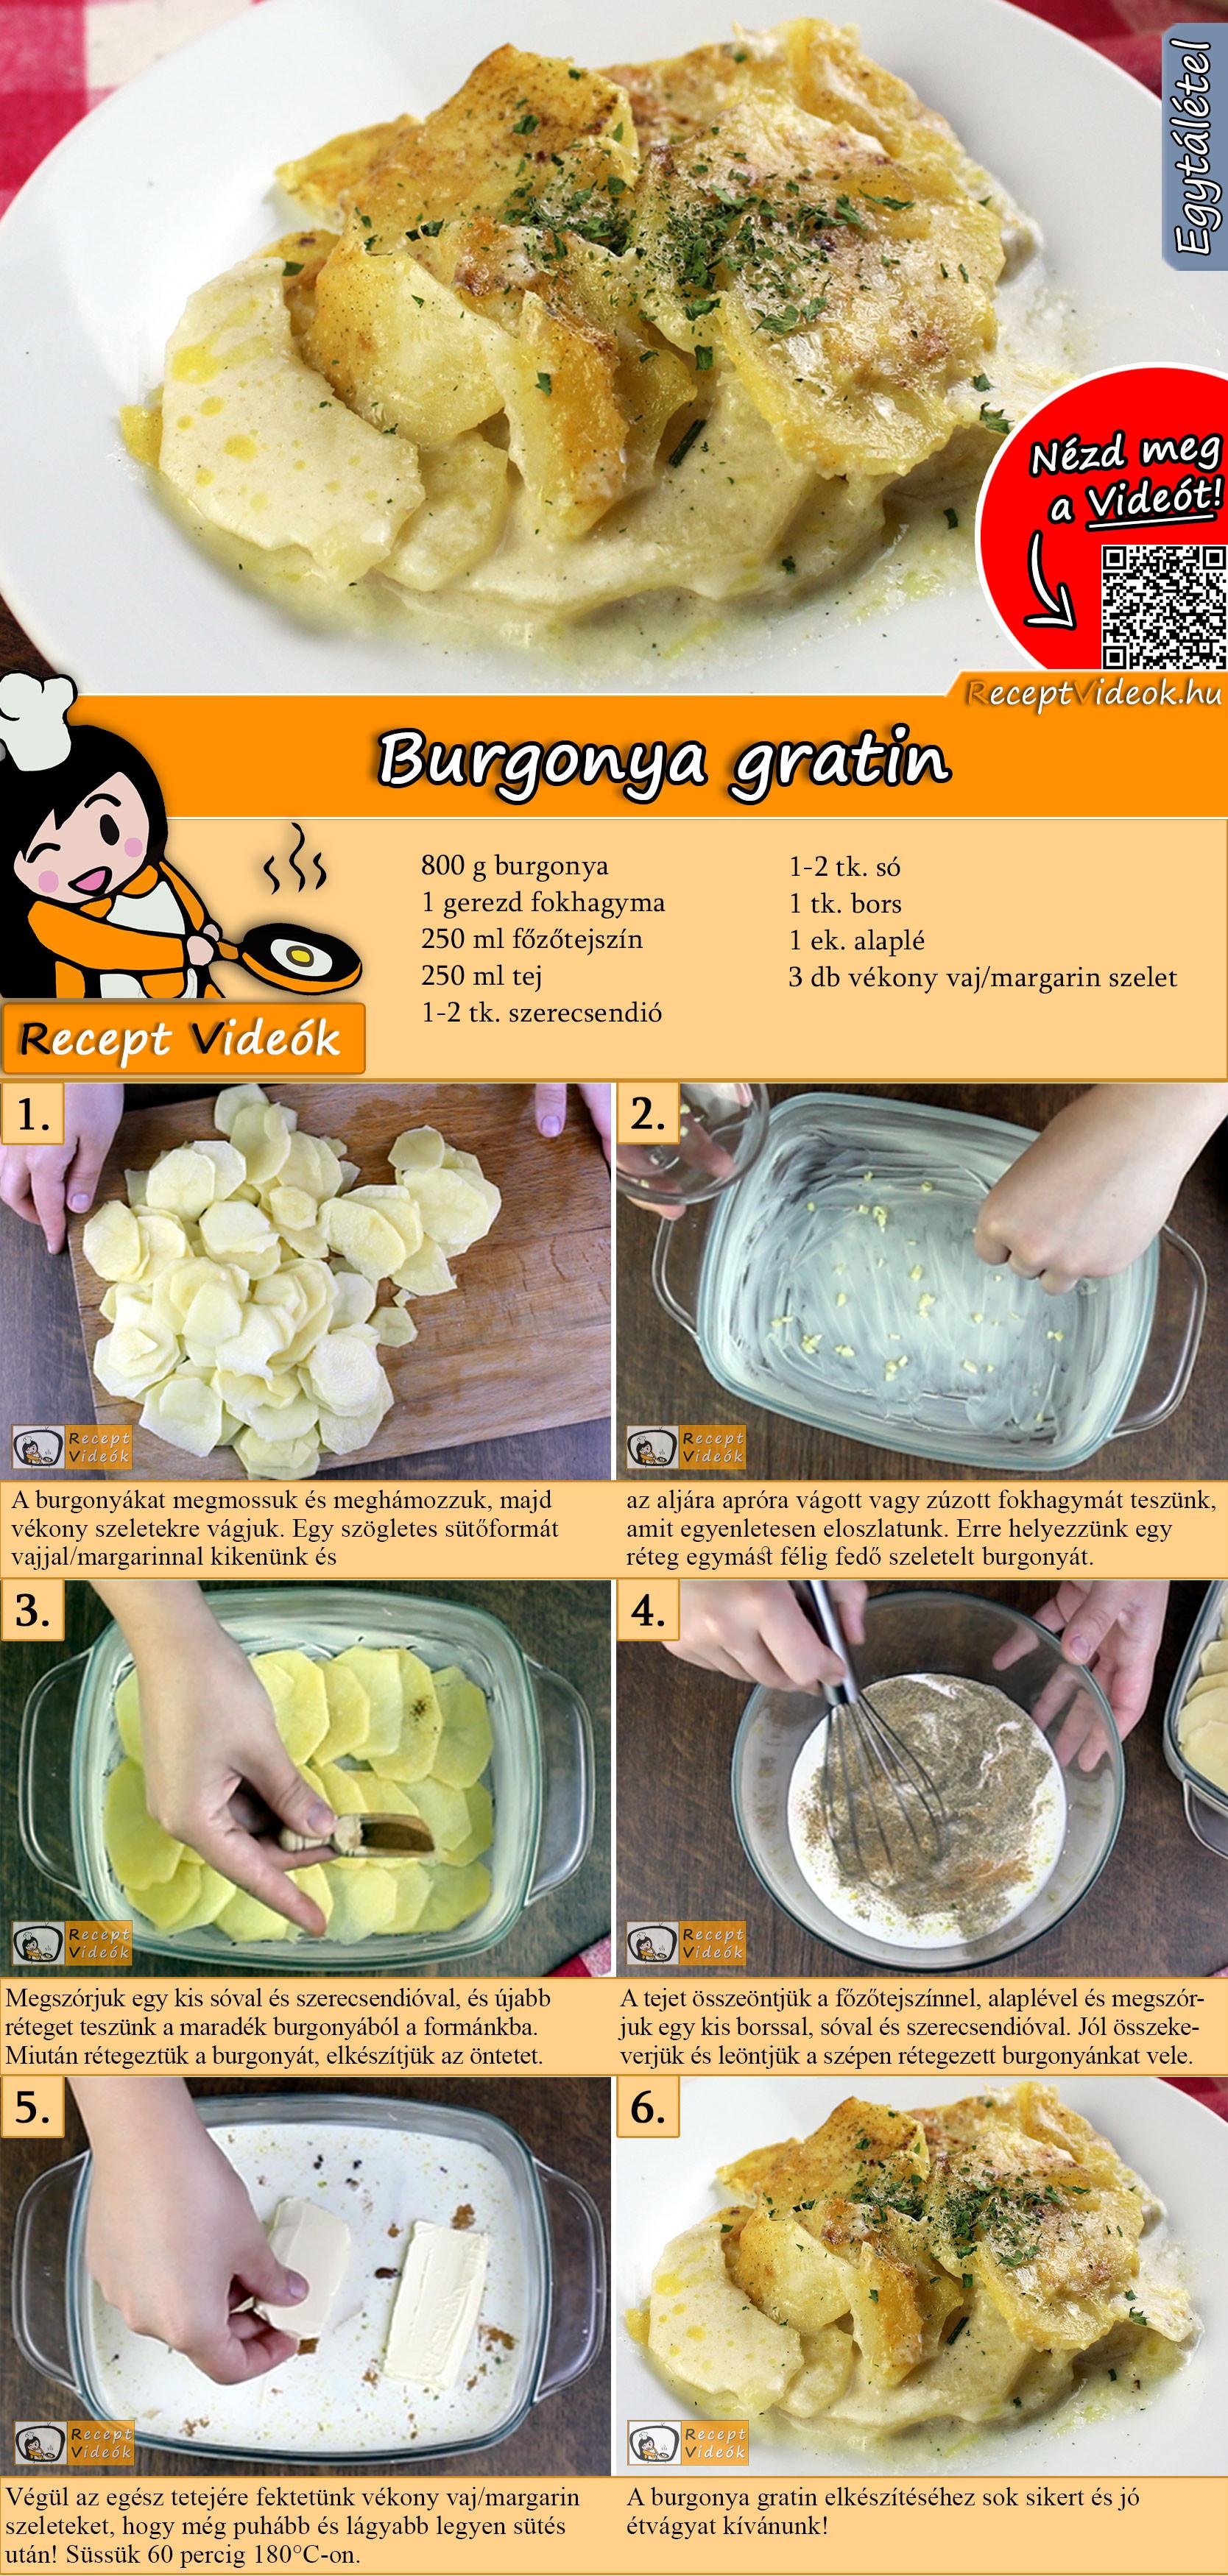 Burgonya gratin recept elkészítése videóval